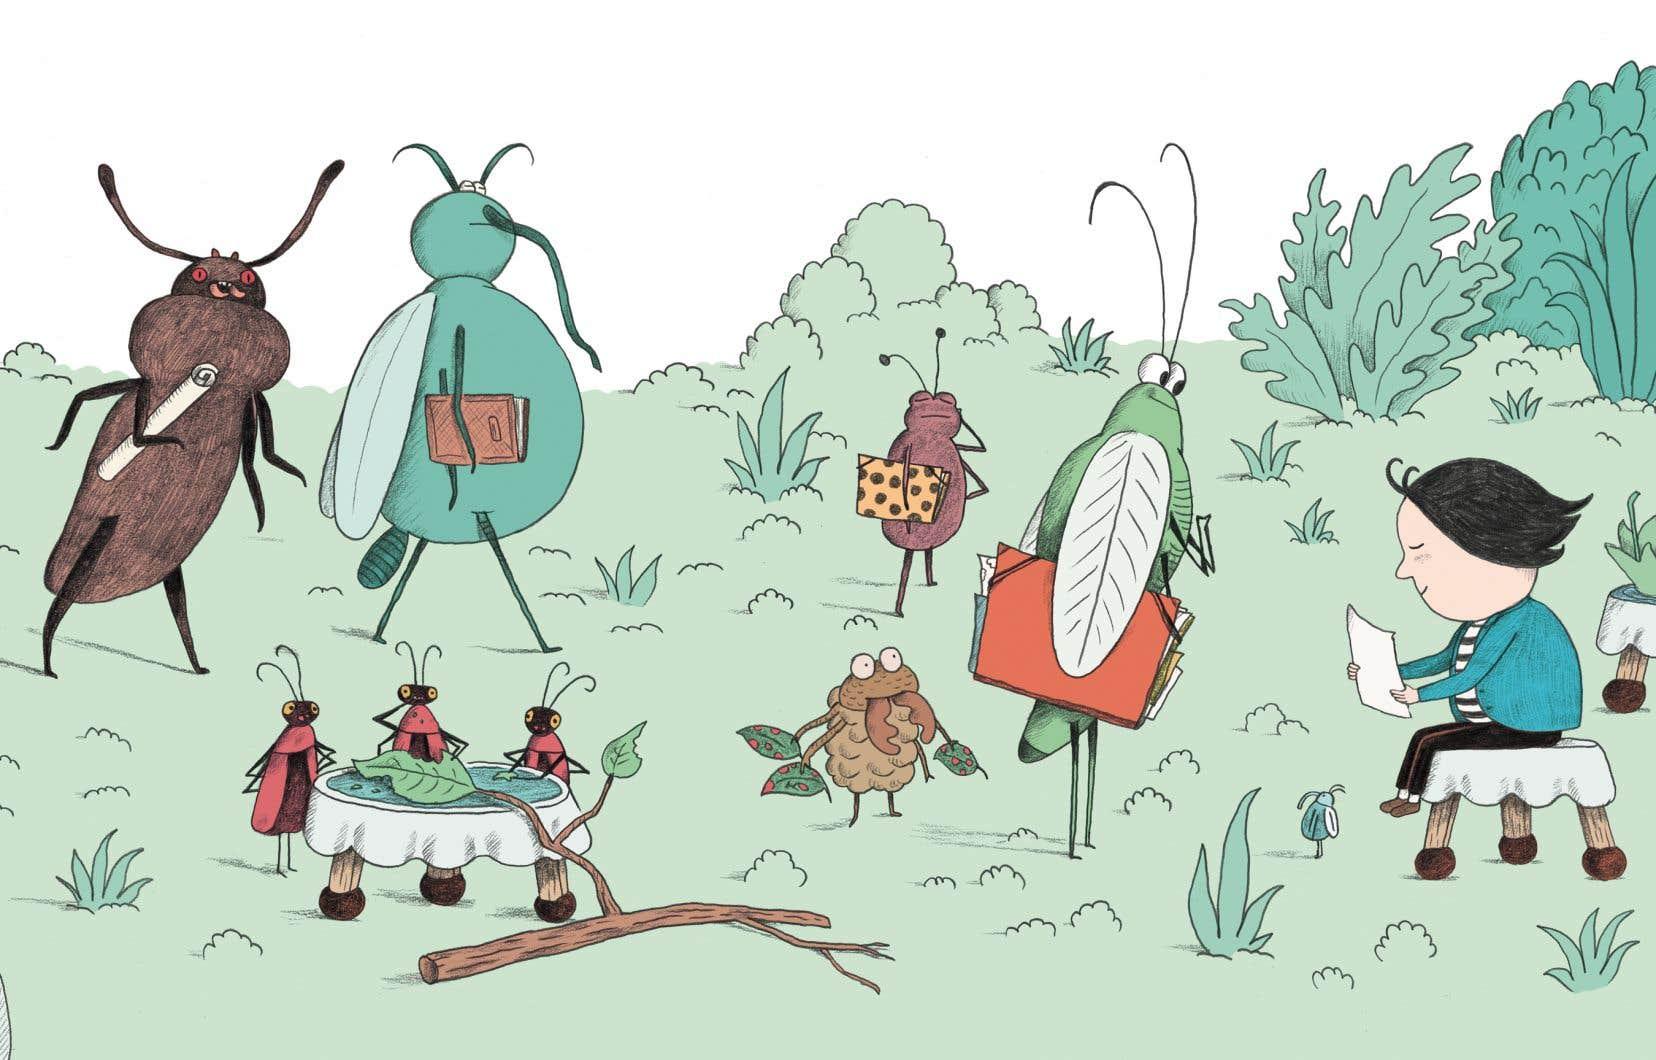 Une planche de l'album «L'école de dessin de Petit Pois» de Davide Cali et Sébastien Mourrain